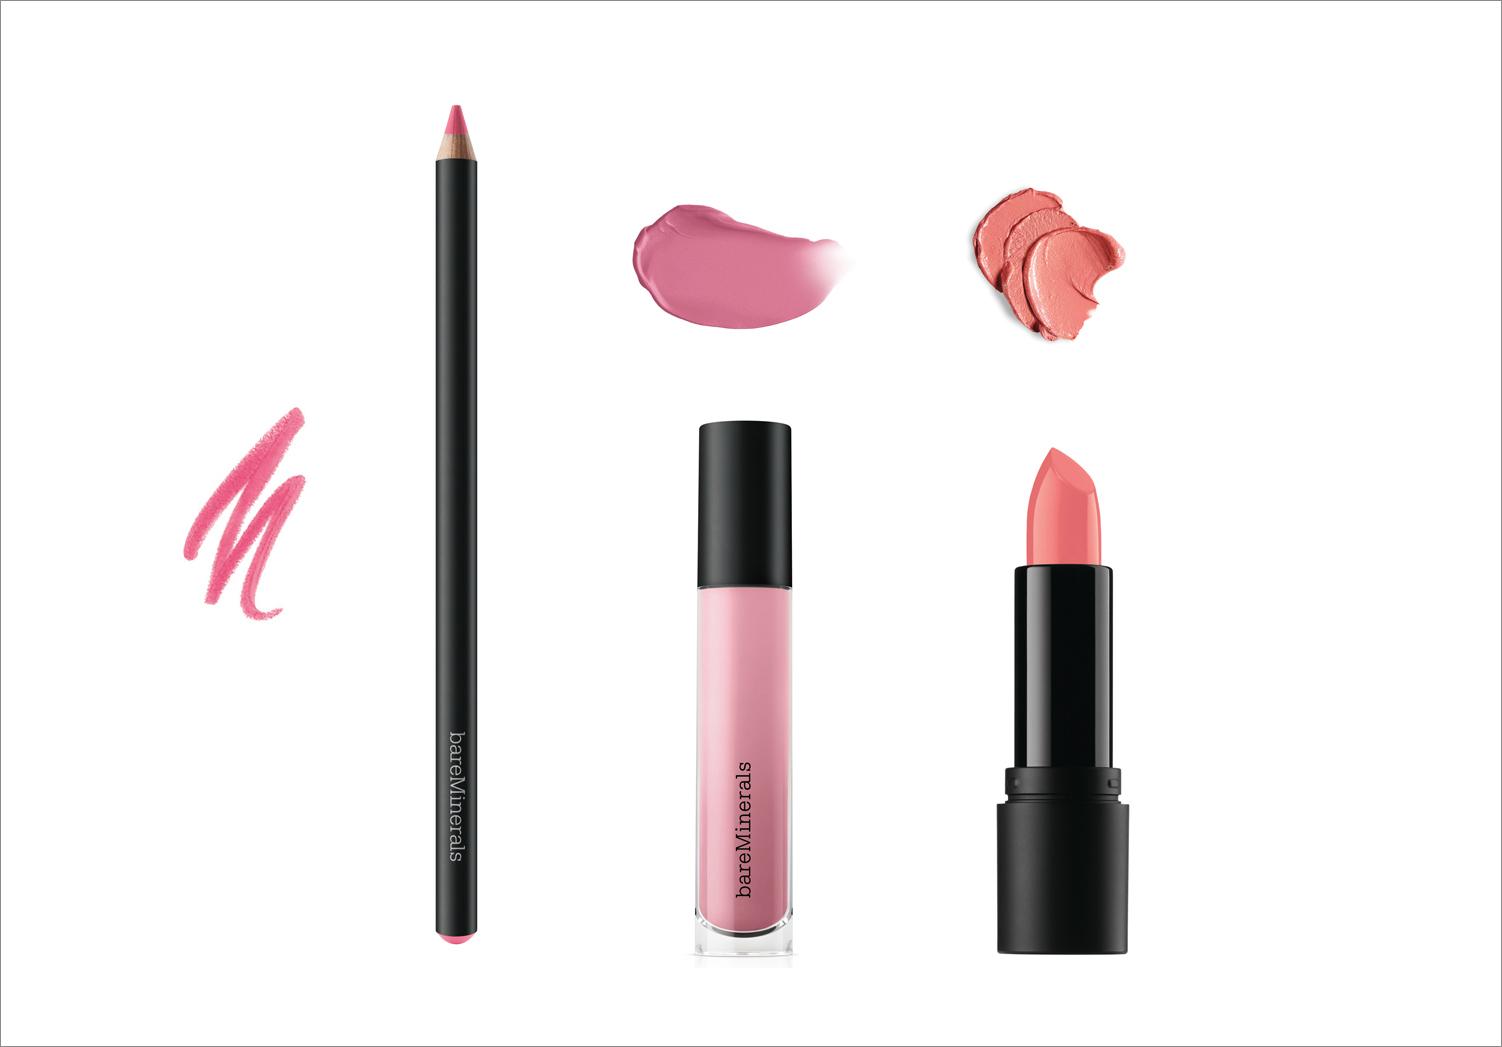 Bare Minerals Matte liquid lip color shine lipstick and lip liner summer beauty ideas